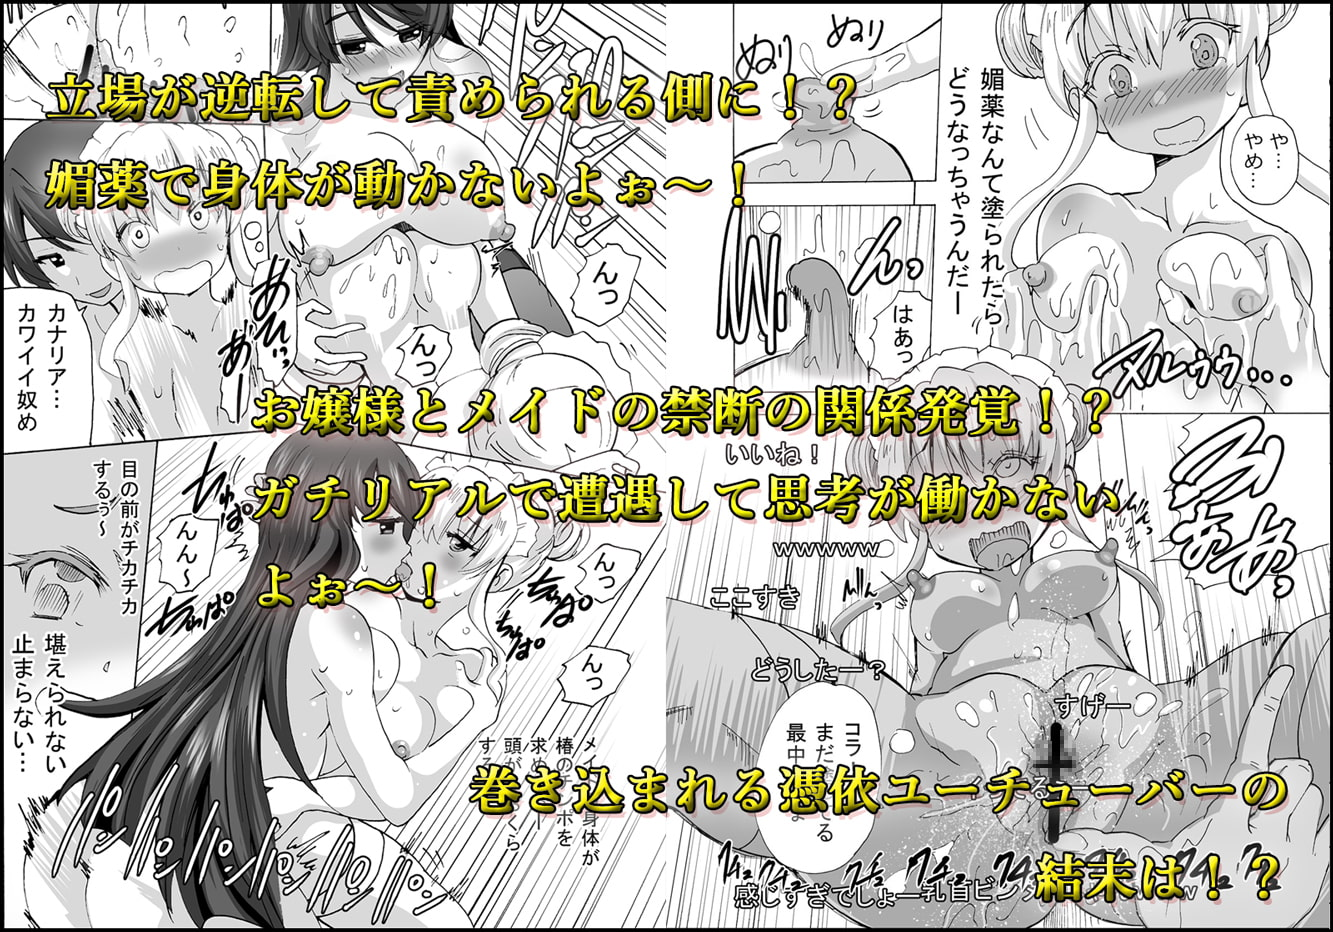 RJ328517 グノーグレイヴ『憑依VR-ハーレム女子バスケ部編3-』 [20210529]